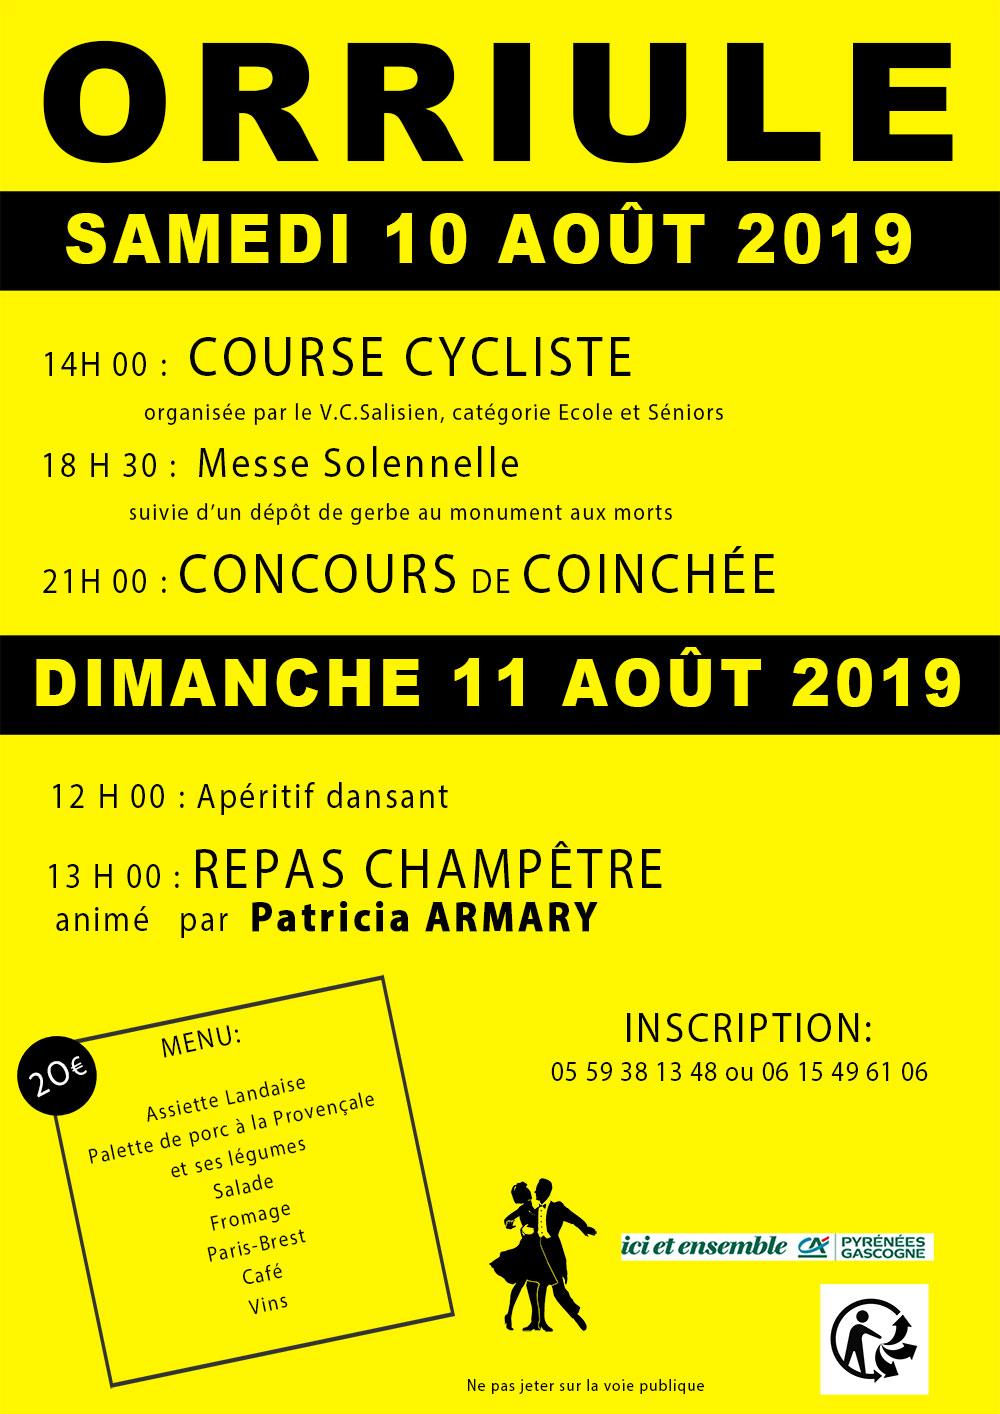 affiche-Orriule-2019-Fluo-web